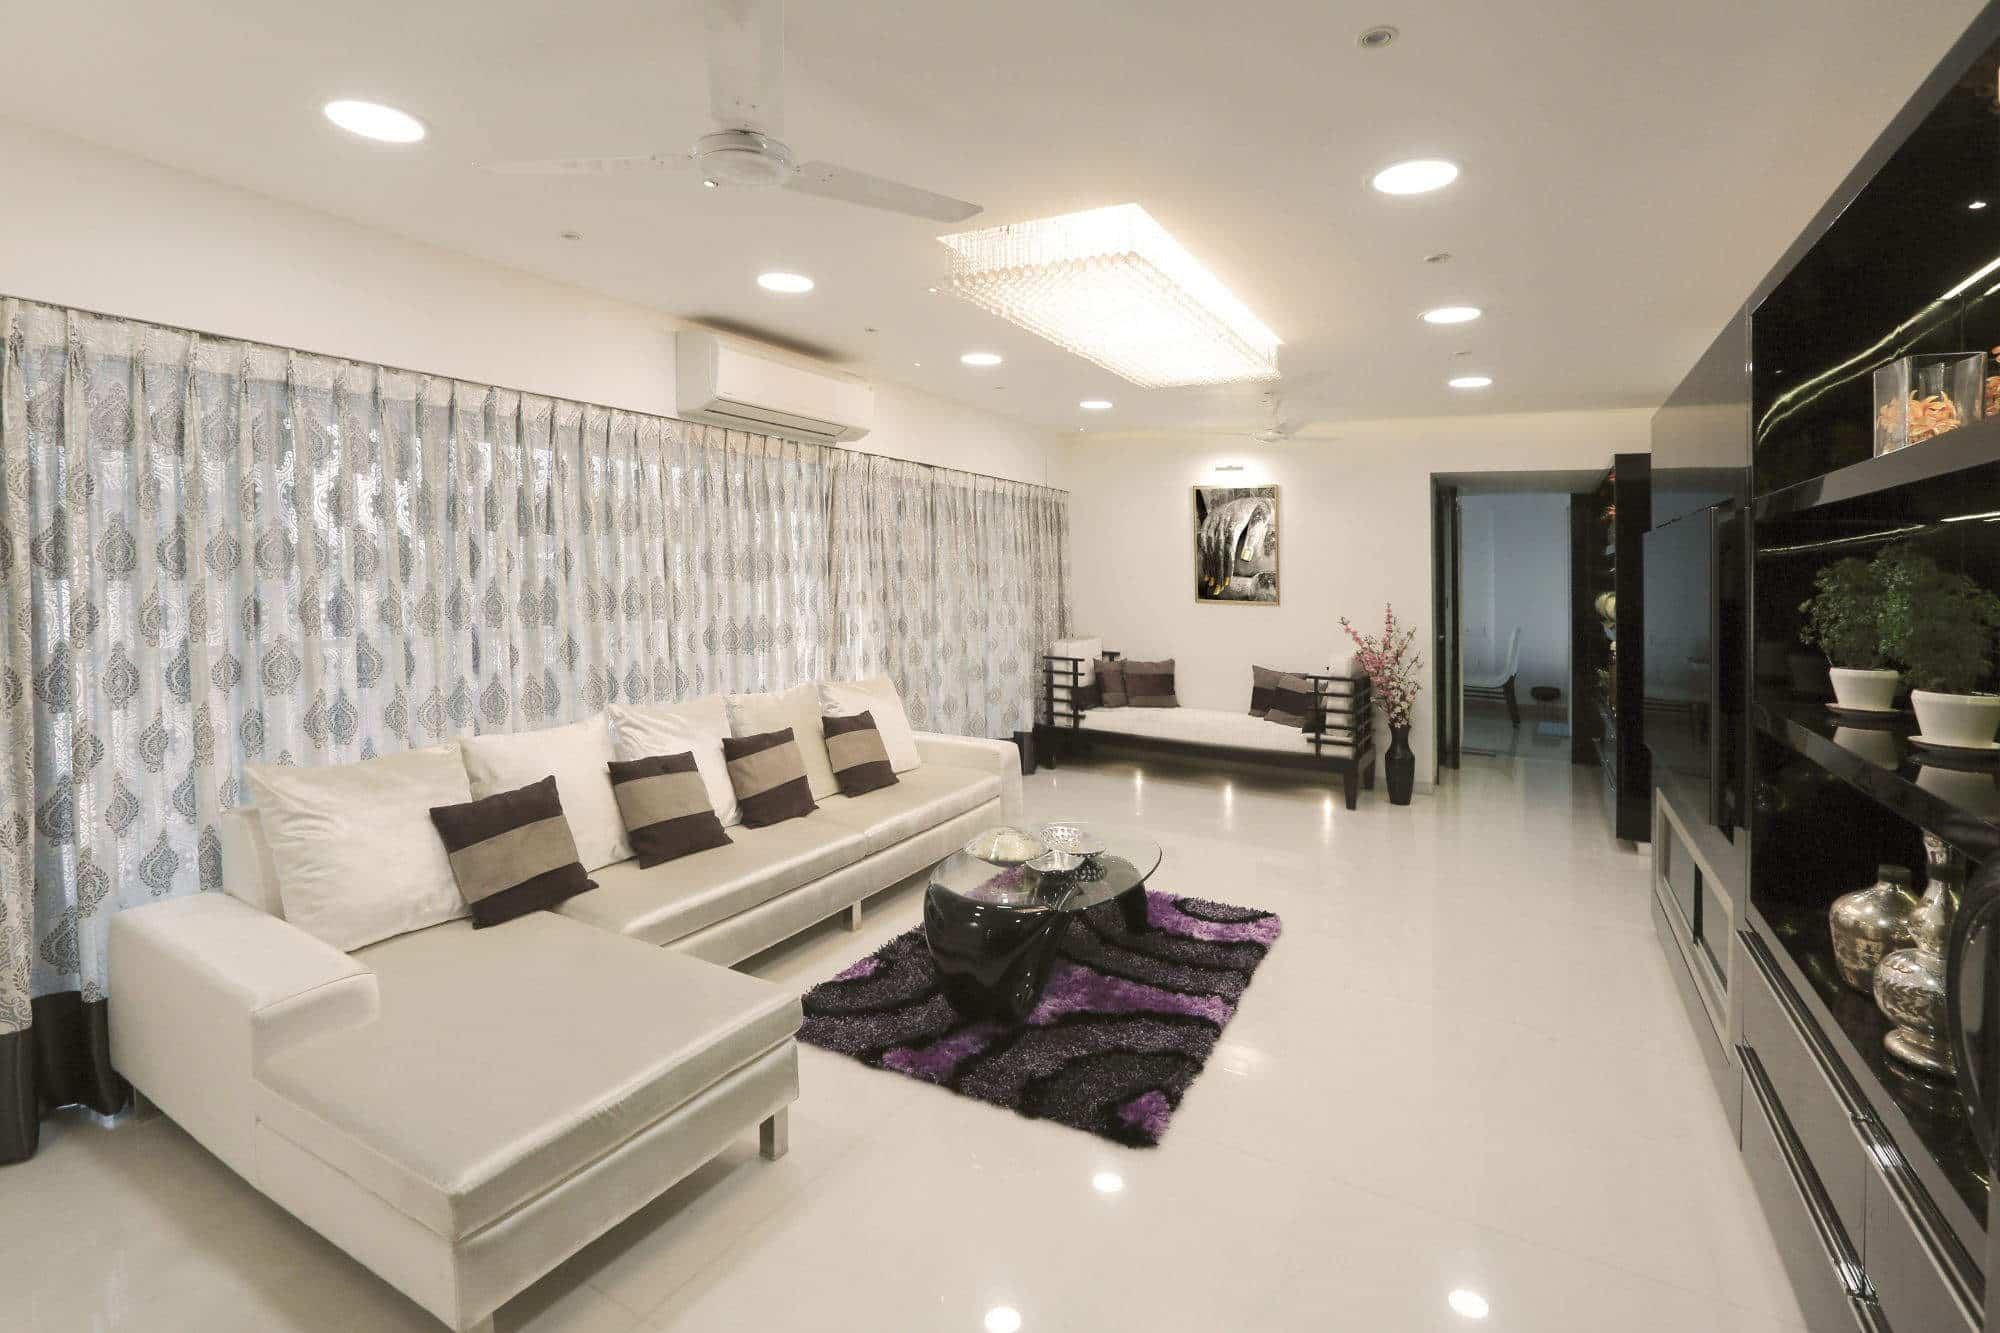 Interior Designers Jobs In Mumbai Interior Design Jobs In Andheri Mumbai Best Accessories